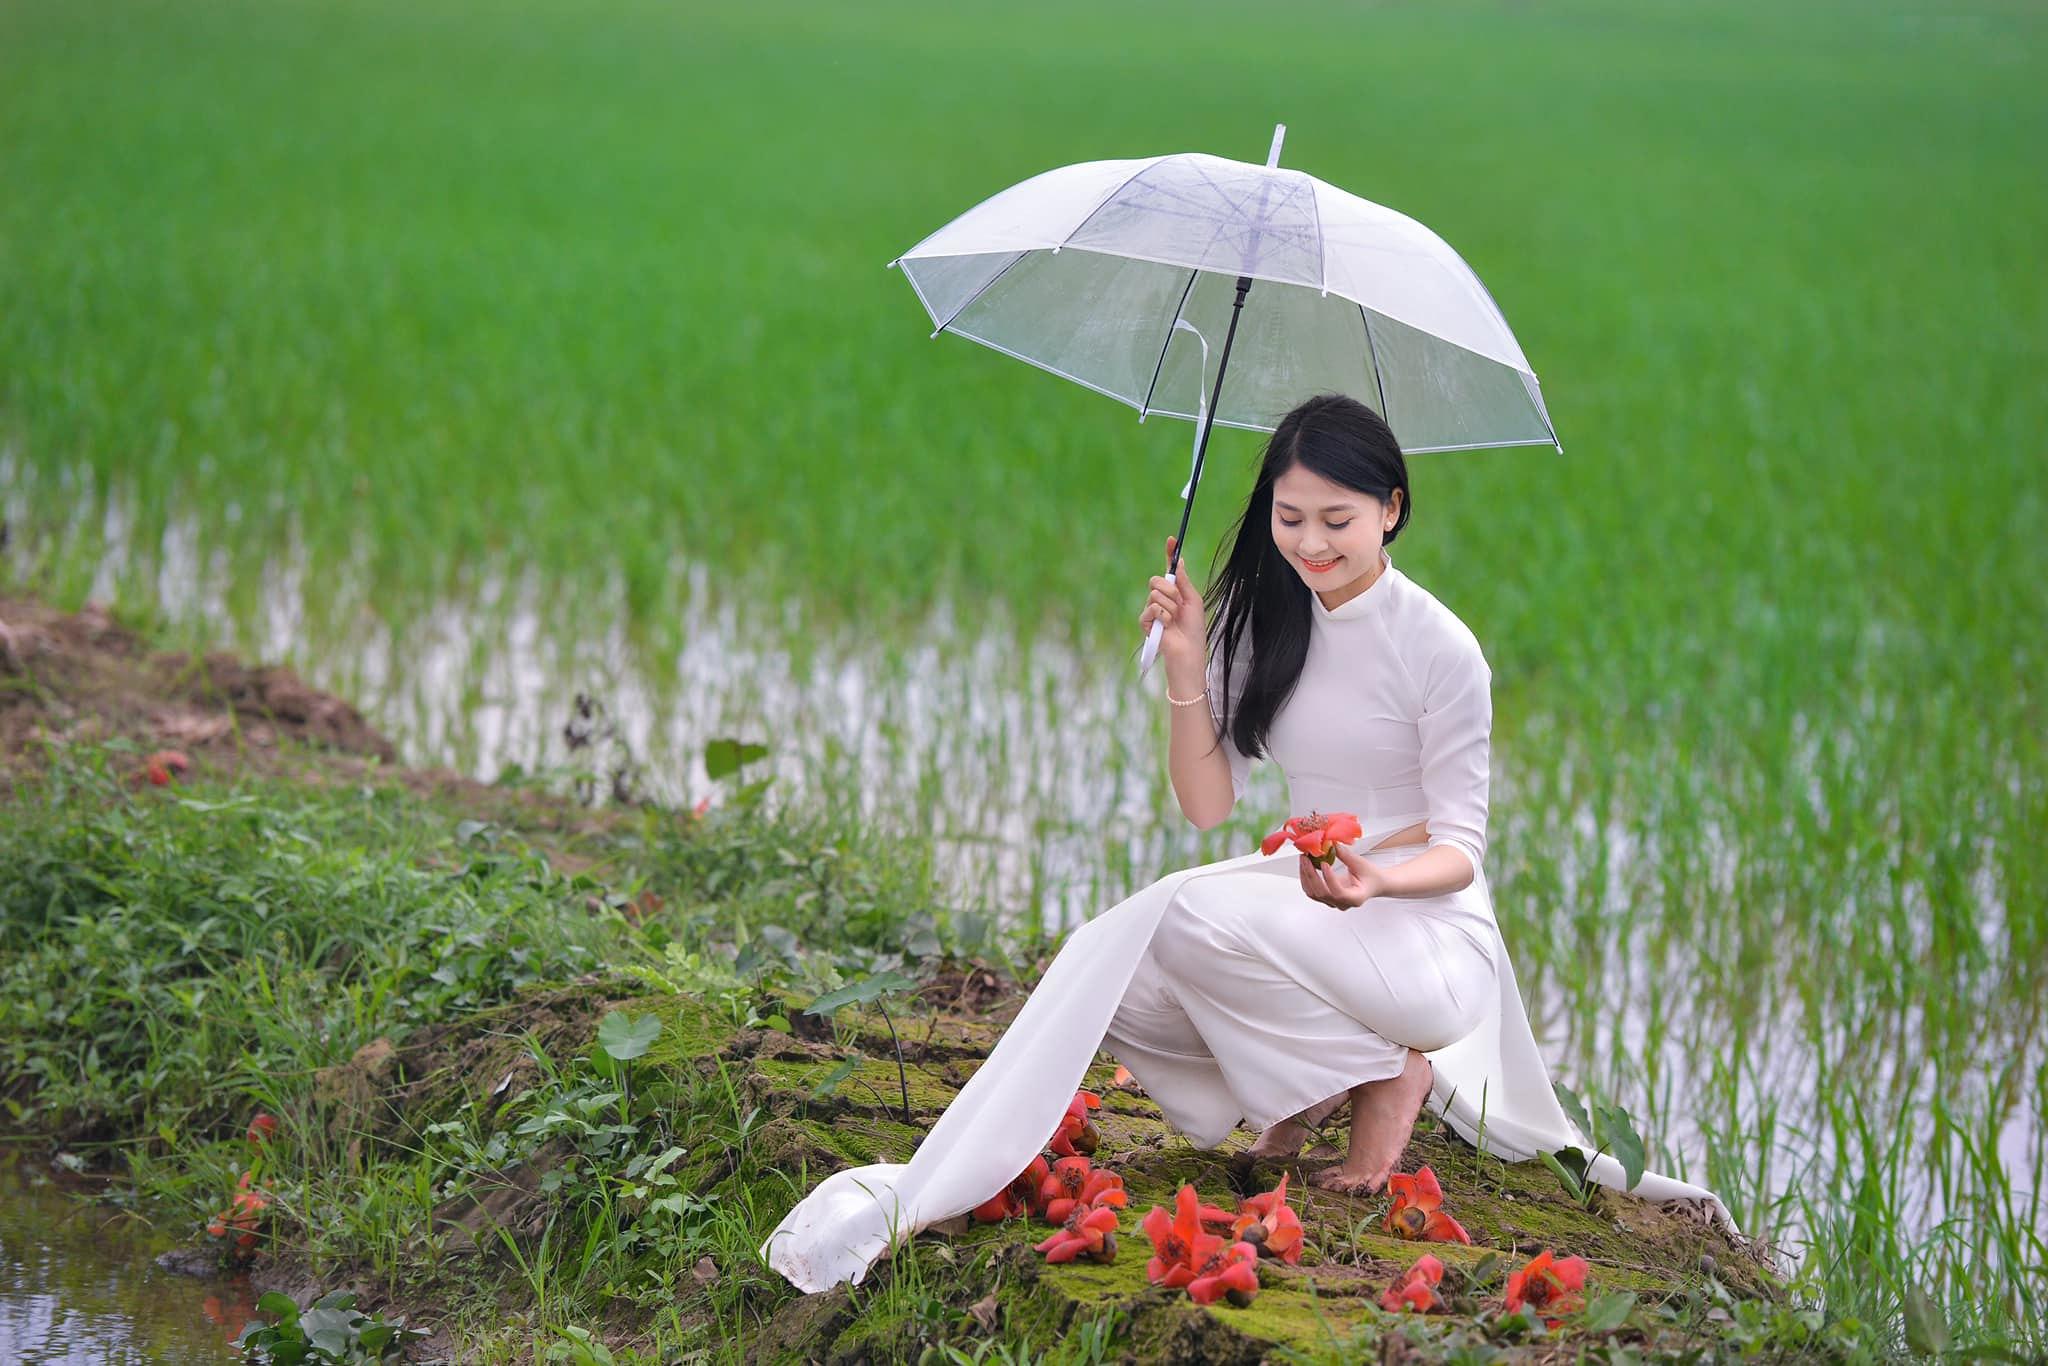 Tuyển tập girl xinh gái đẹp Việt Nam mặc áo dài đẹp mê hồn #57 - 20